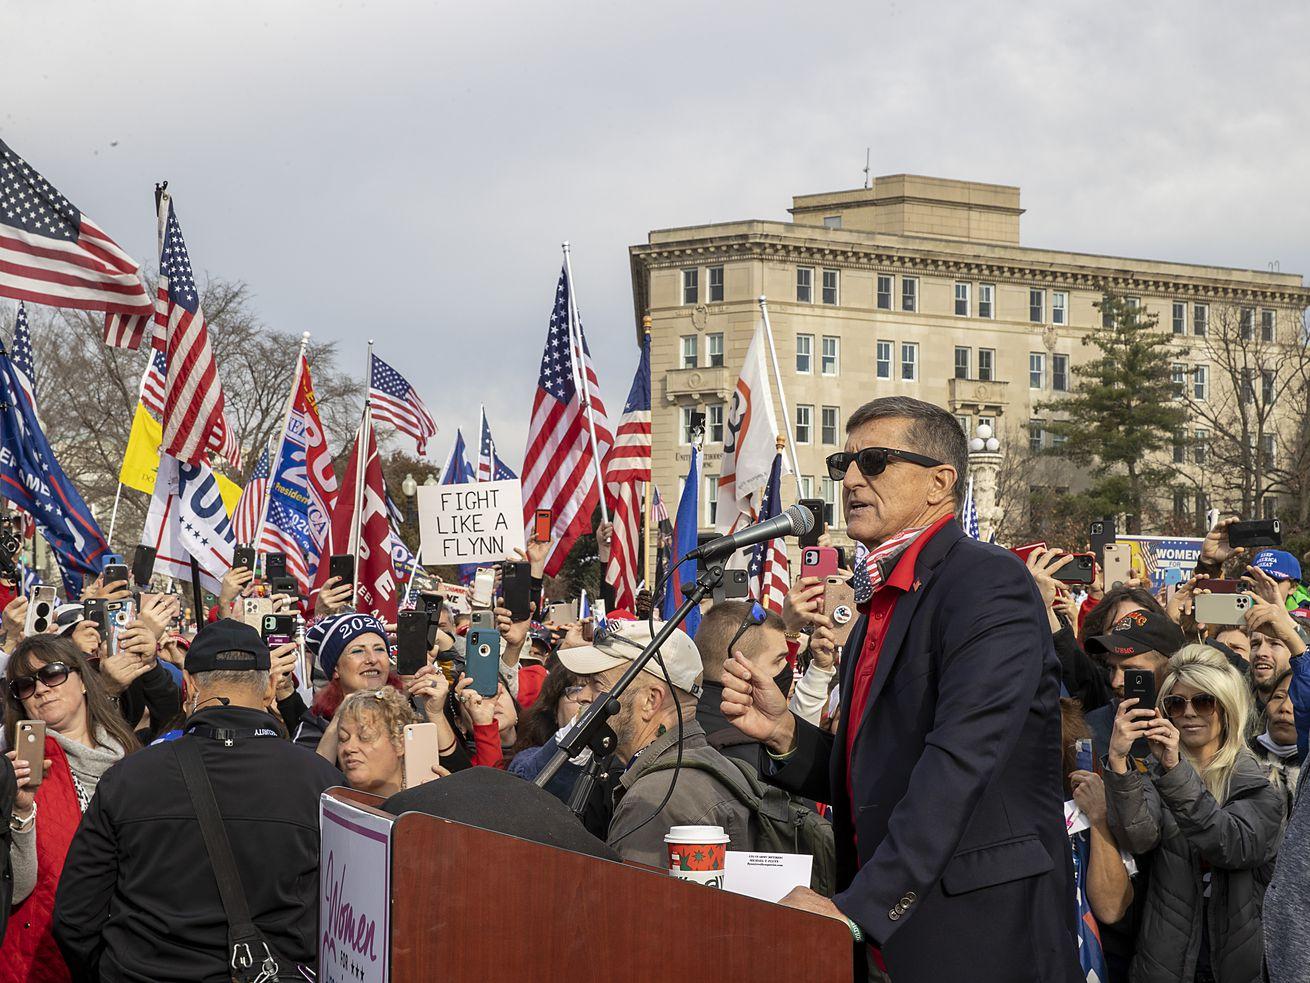 Les partisans du président Trump se réunissent à DC pour protester contre les résultats des élections